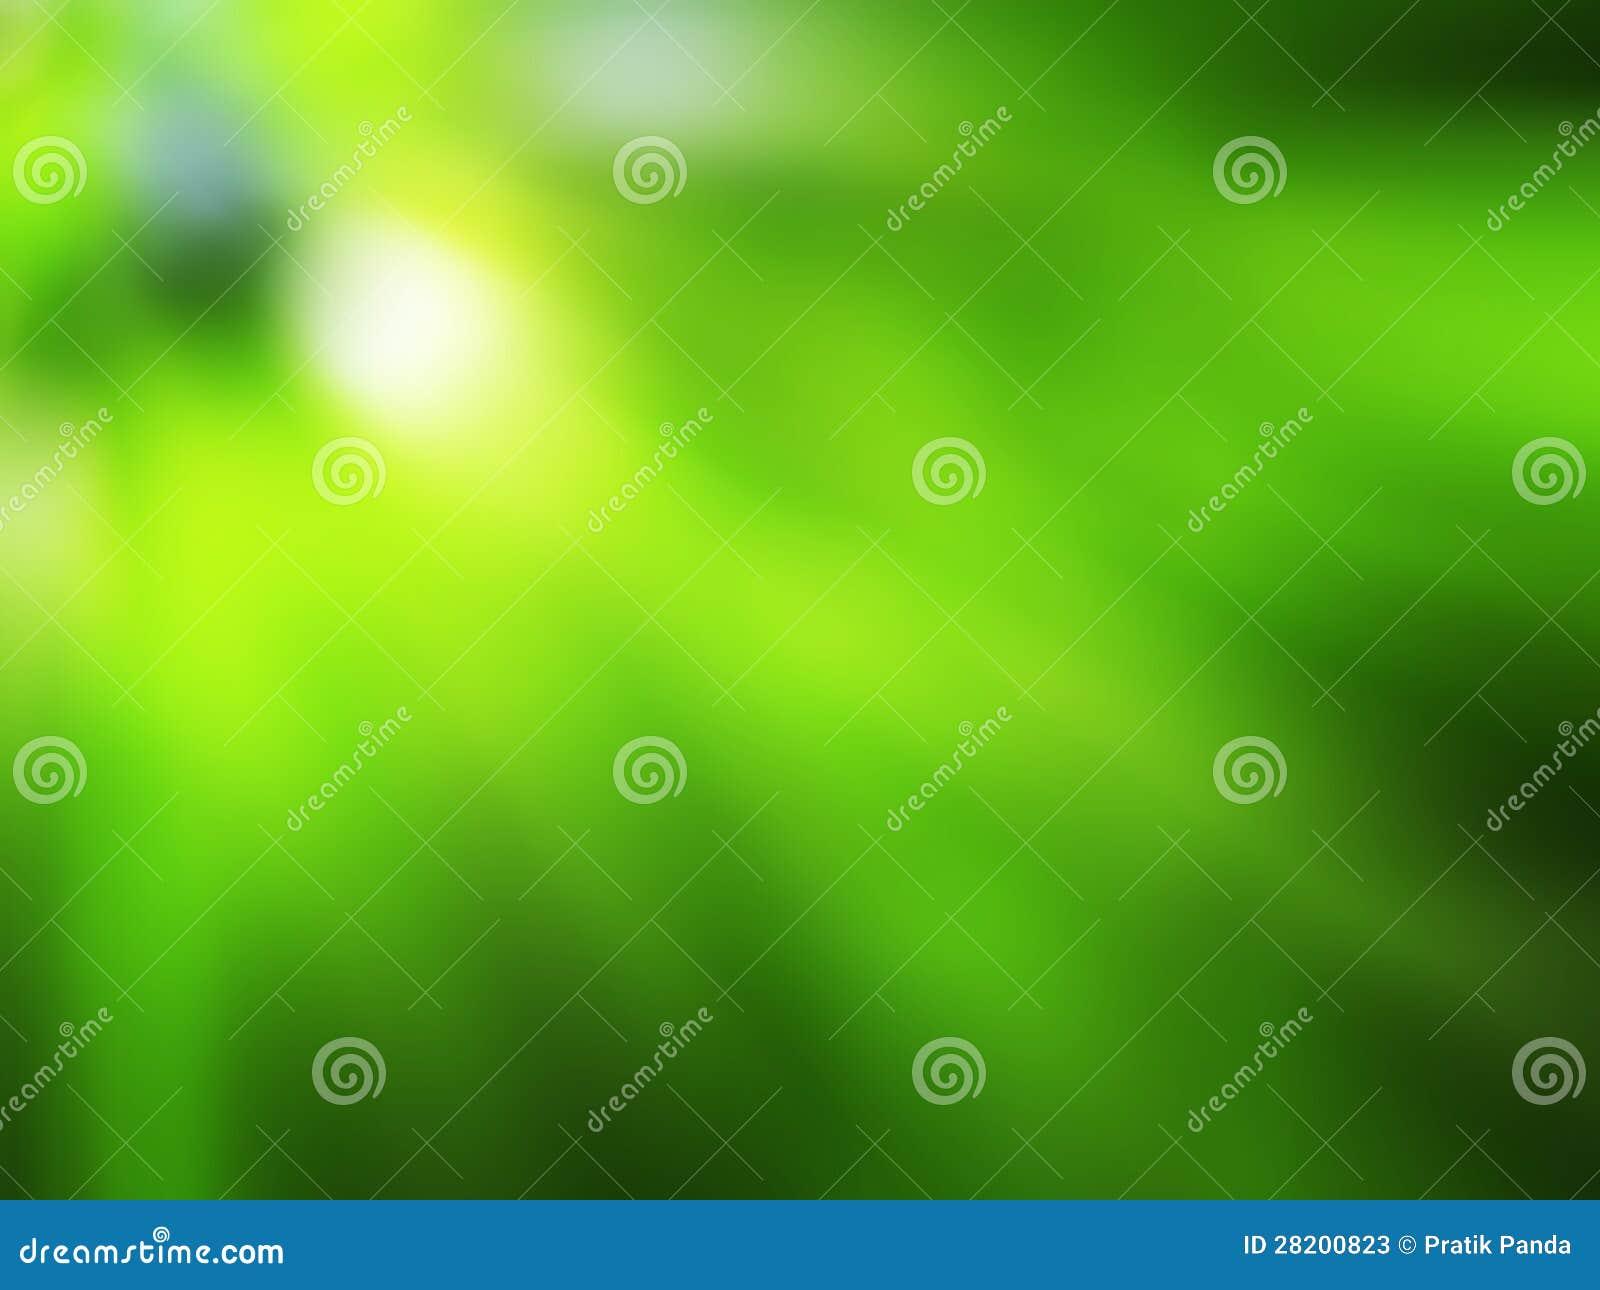 Fundo verde com raias borradas